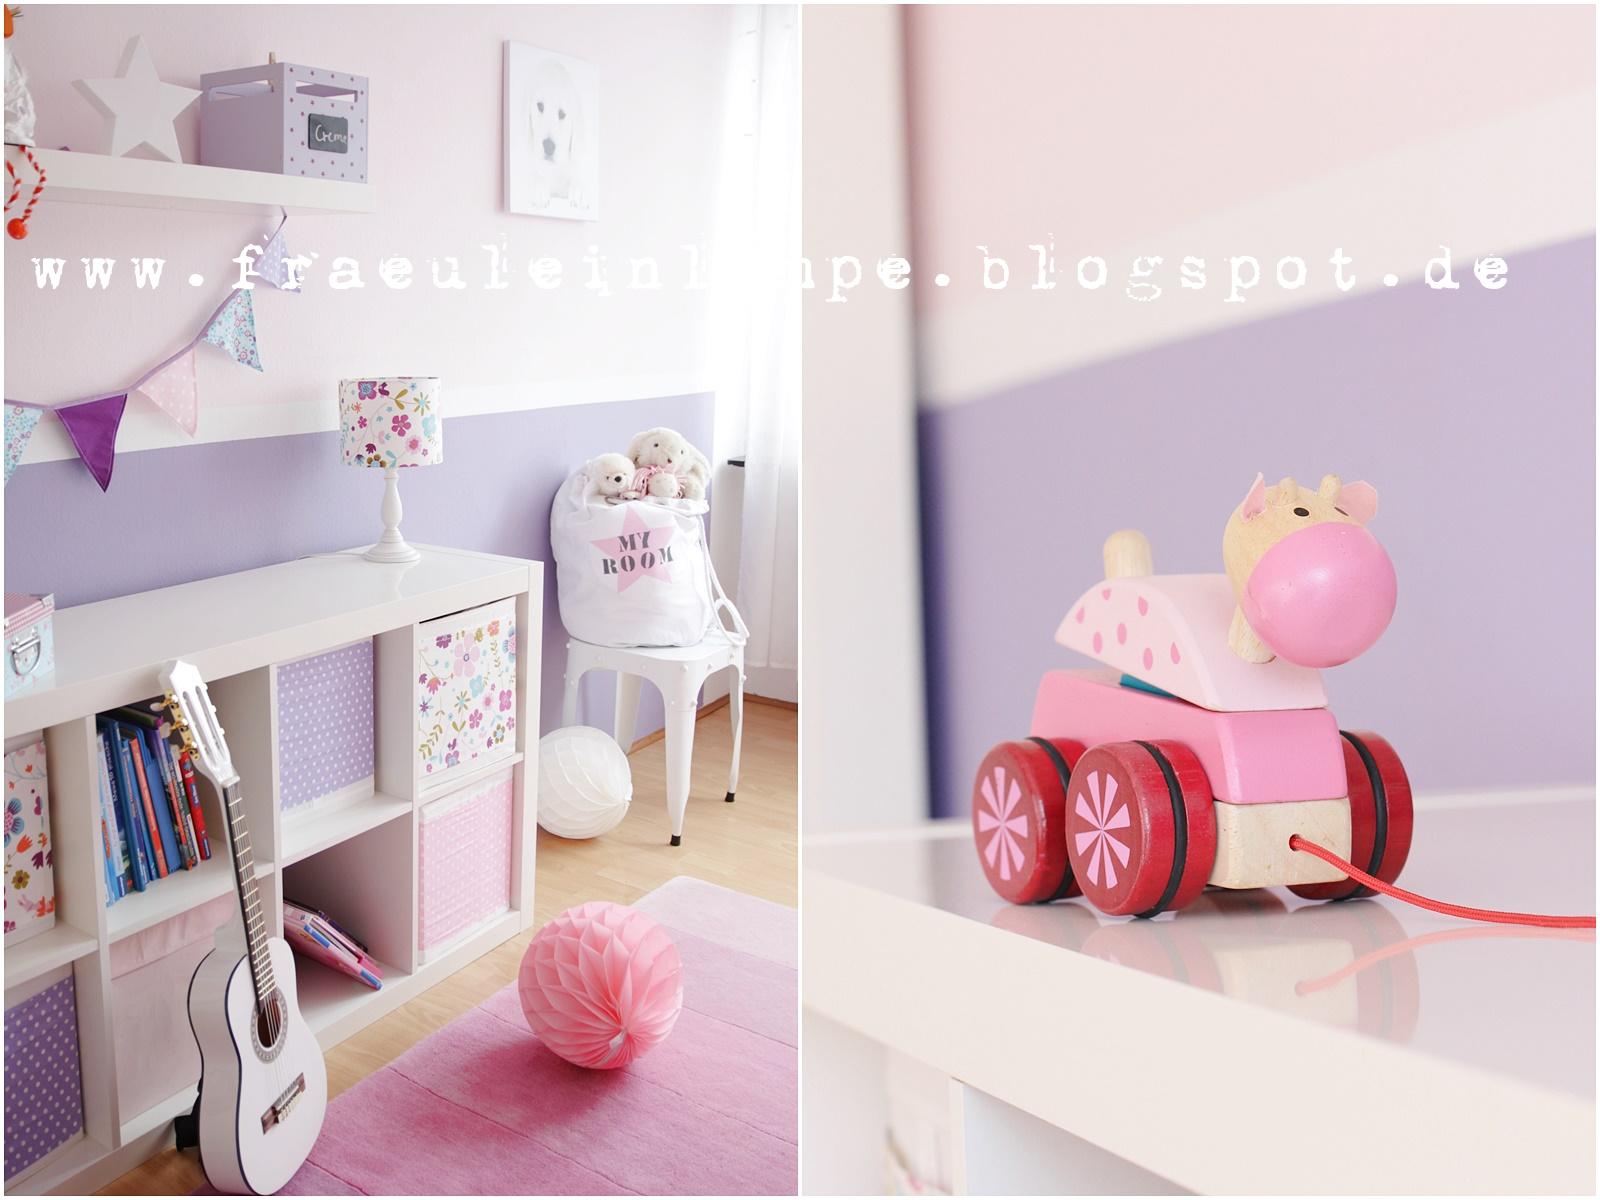 magnettafel kinderzimmer ikea. Black Bedroom Furniture Sets. Home Design Ideas